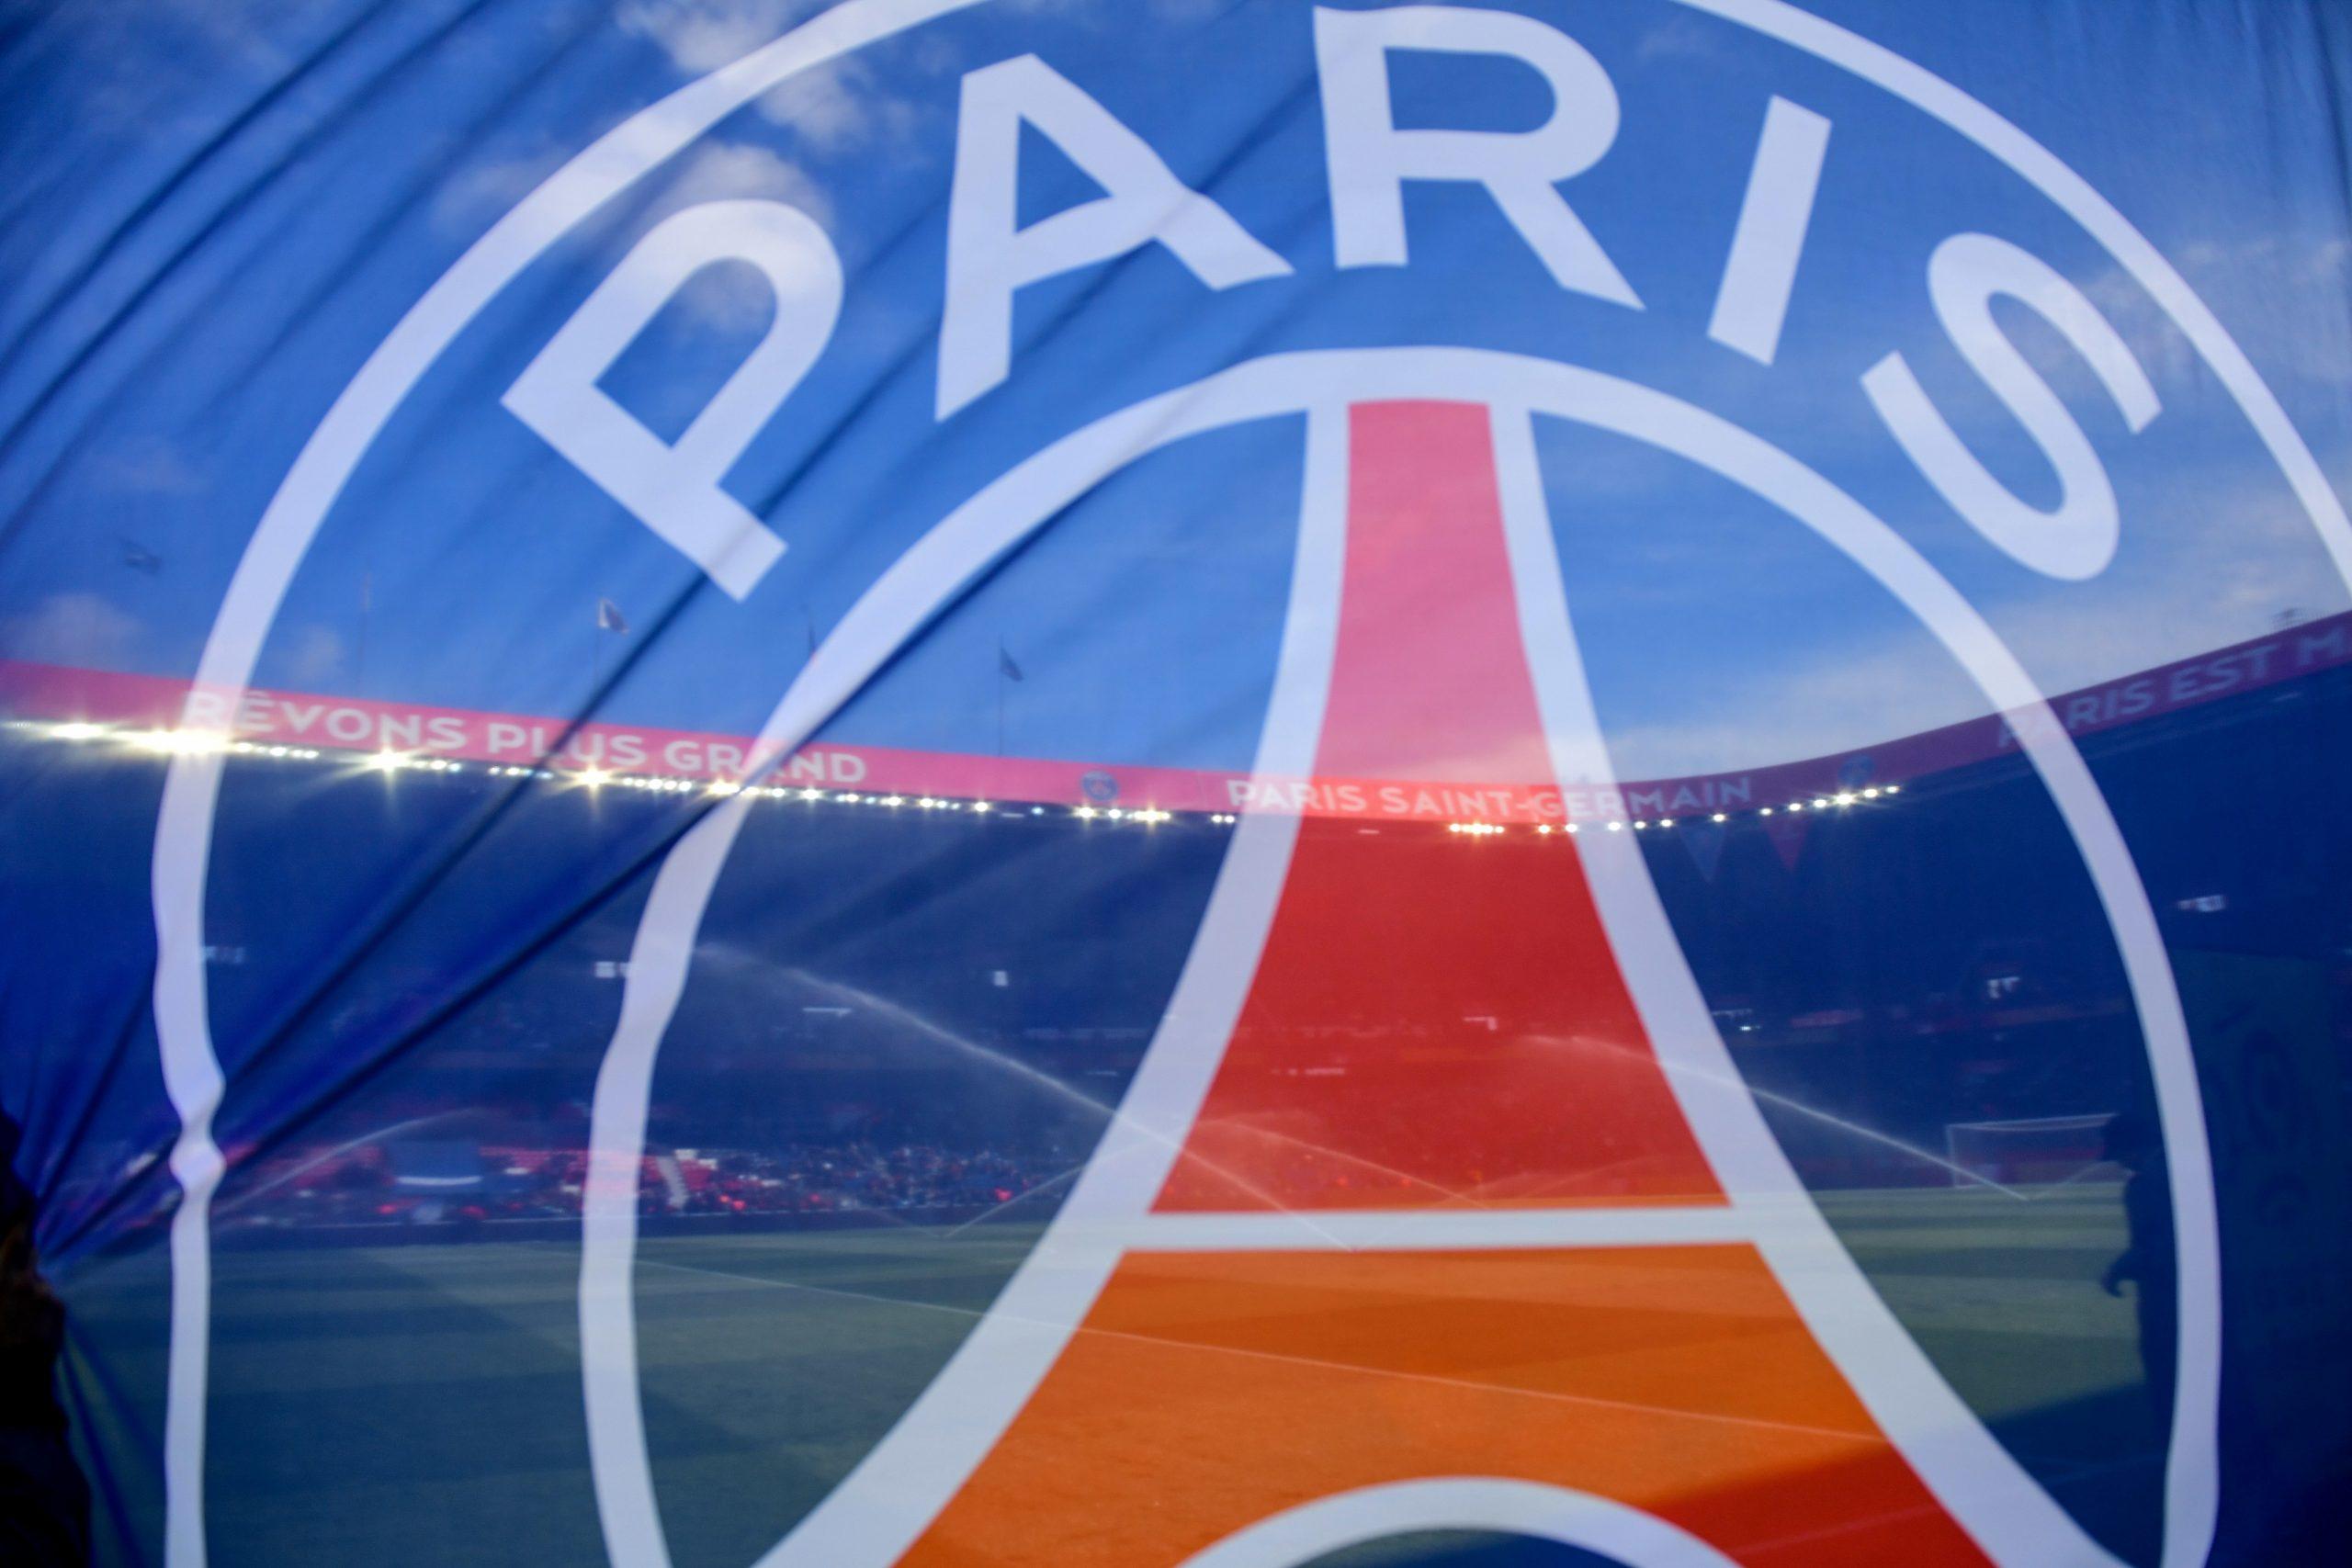 Le PSG rediffuse un de ses matchs chaque soir cette semaine à 21h avec un beau programme